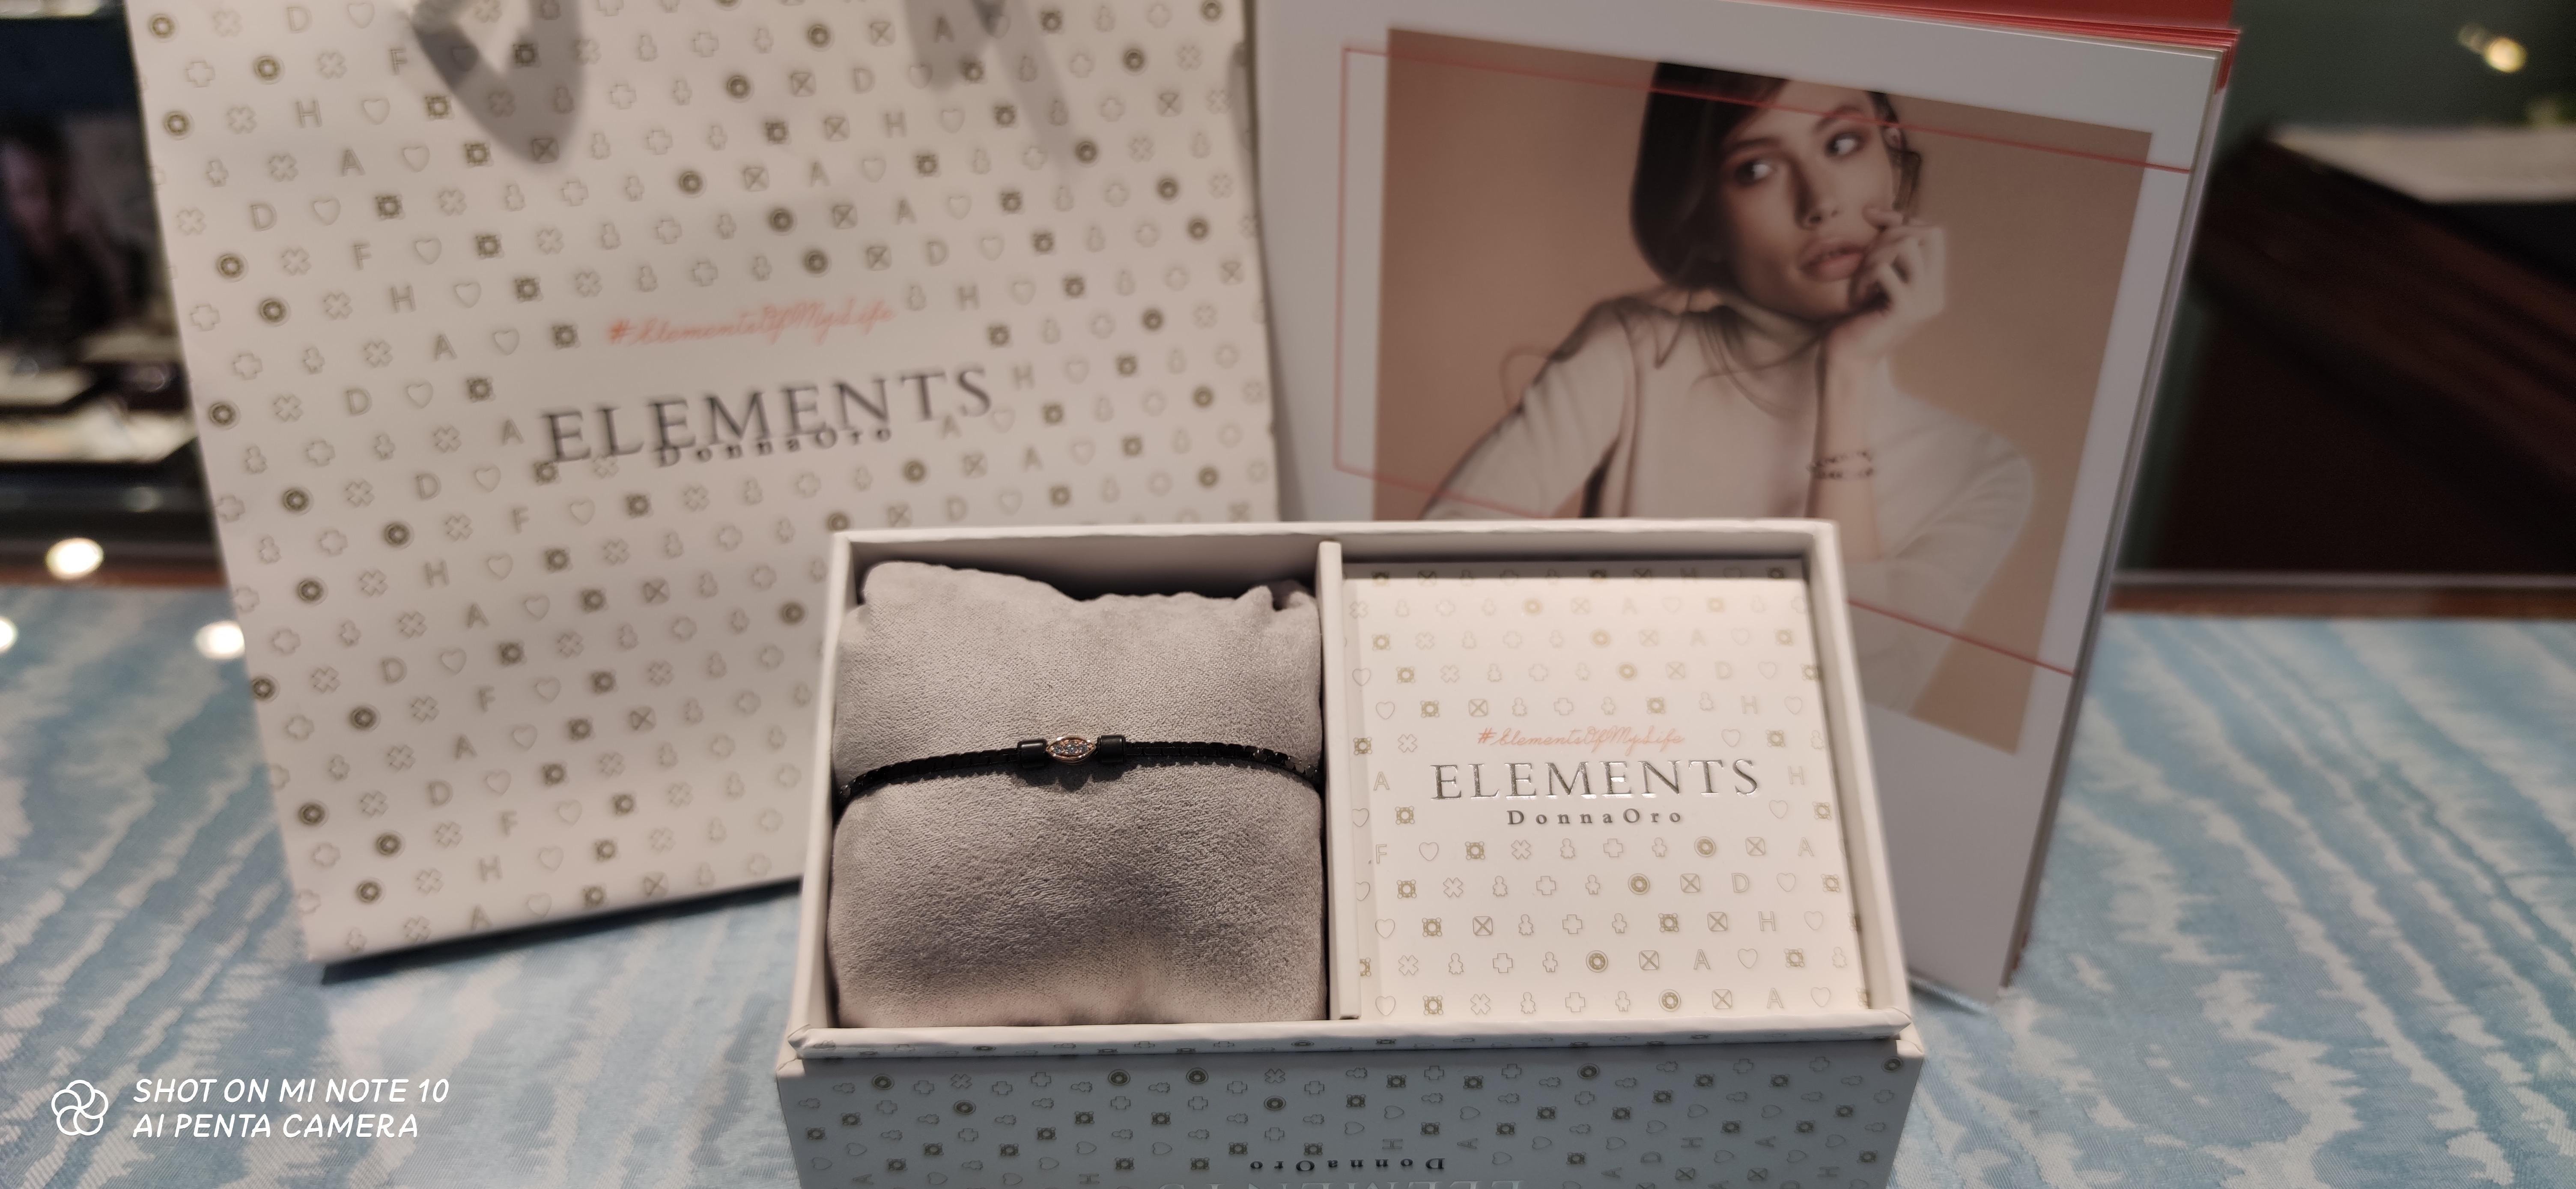 Bracciale Elements Donnaoro con elemento Navette Oro rosa e diamanti